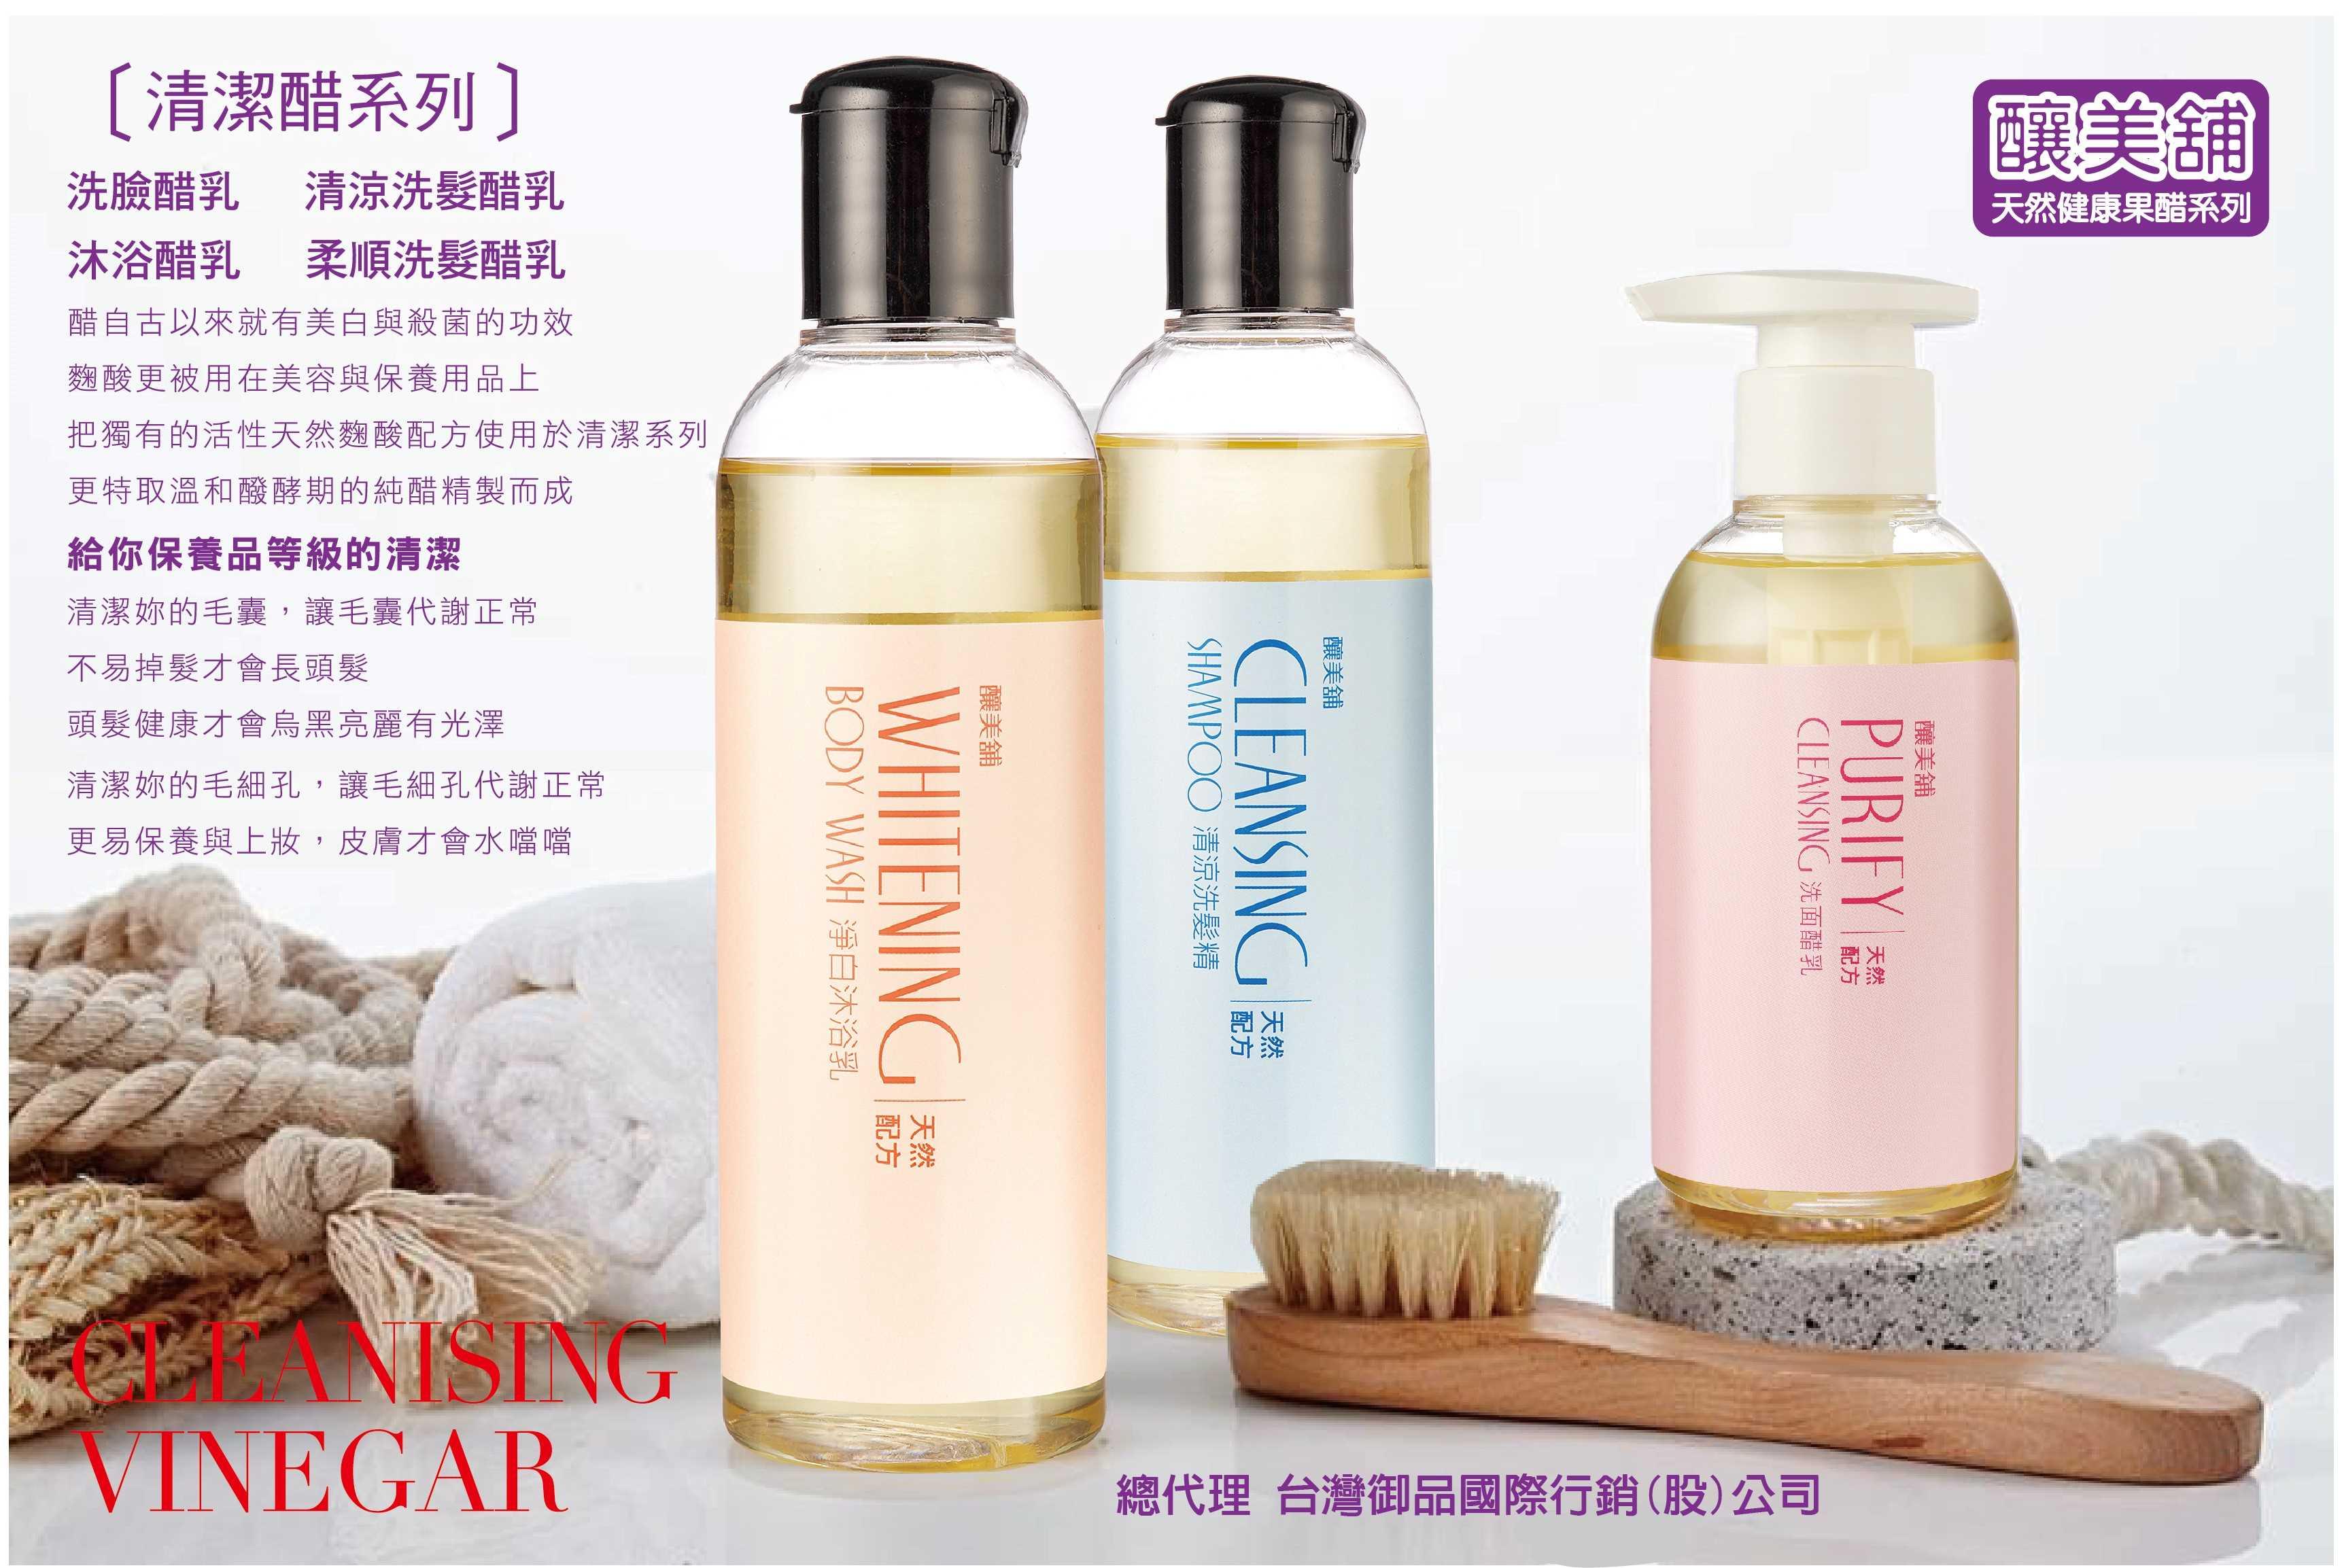 【釀美舖】淨膚顏-洗面乳 3